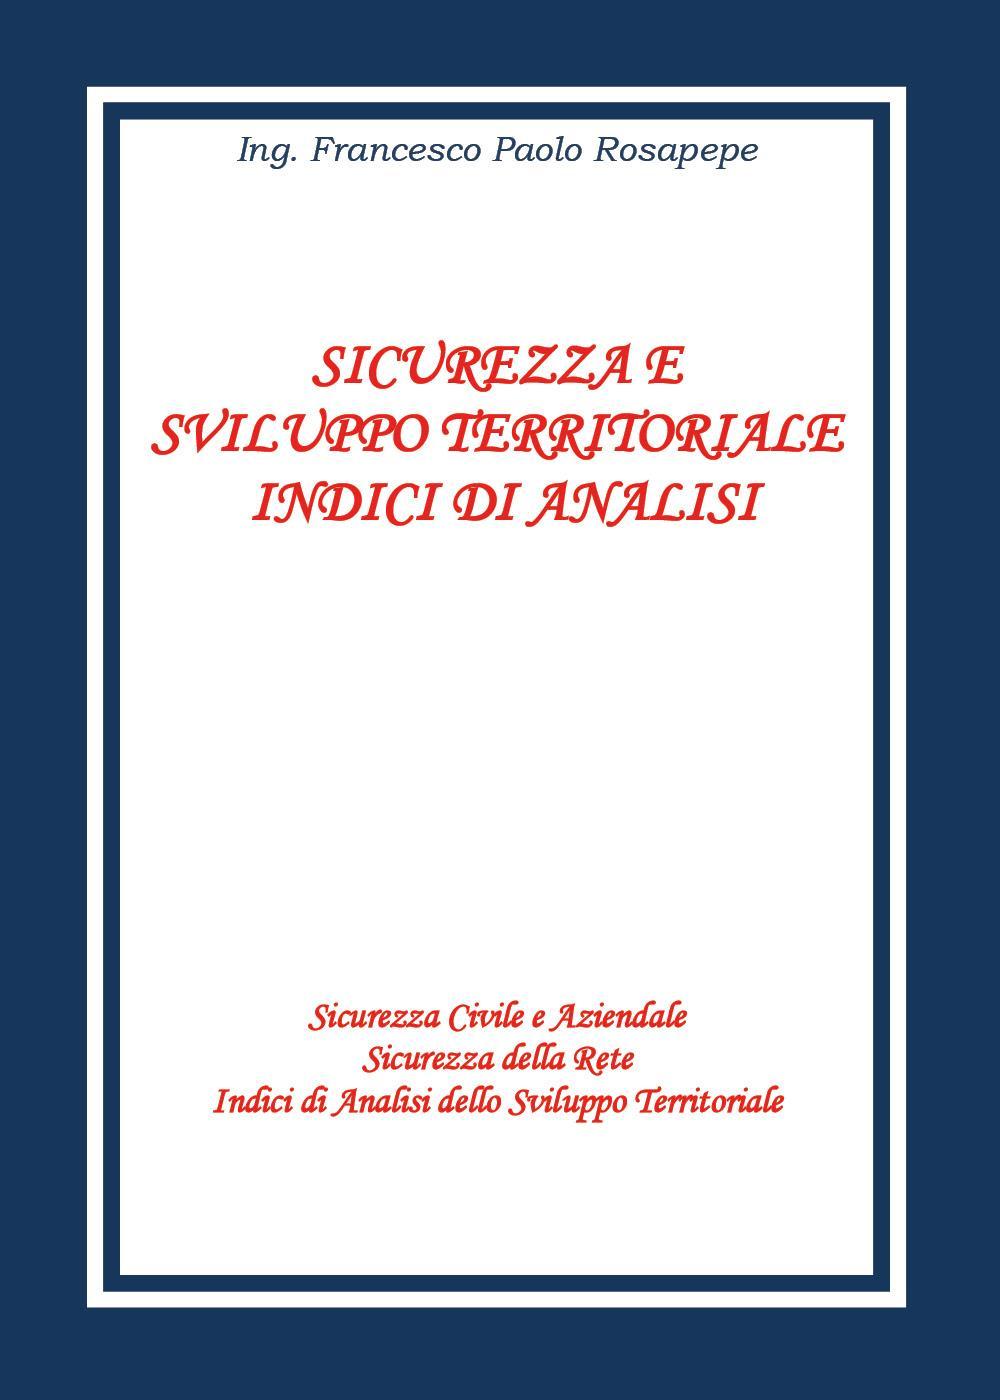 Sicurezza e sviluppo territoriale - Indici di analisi